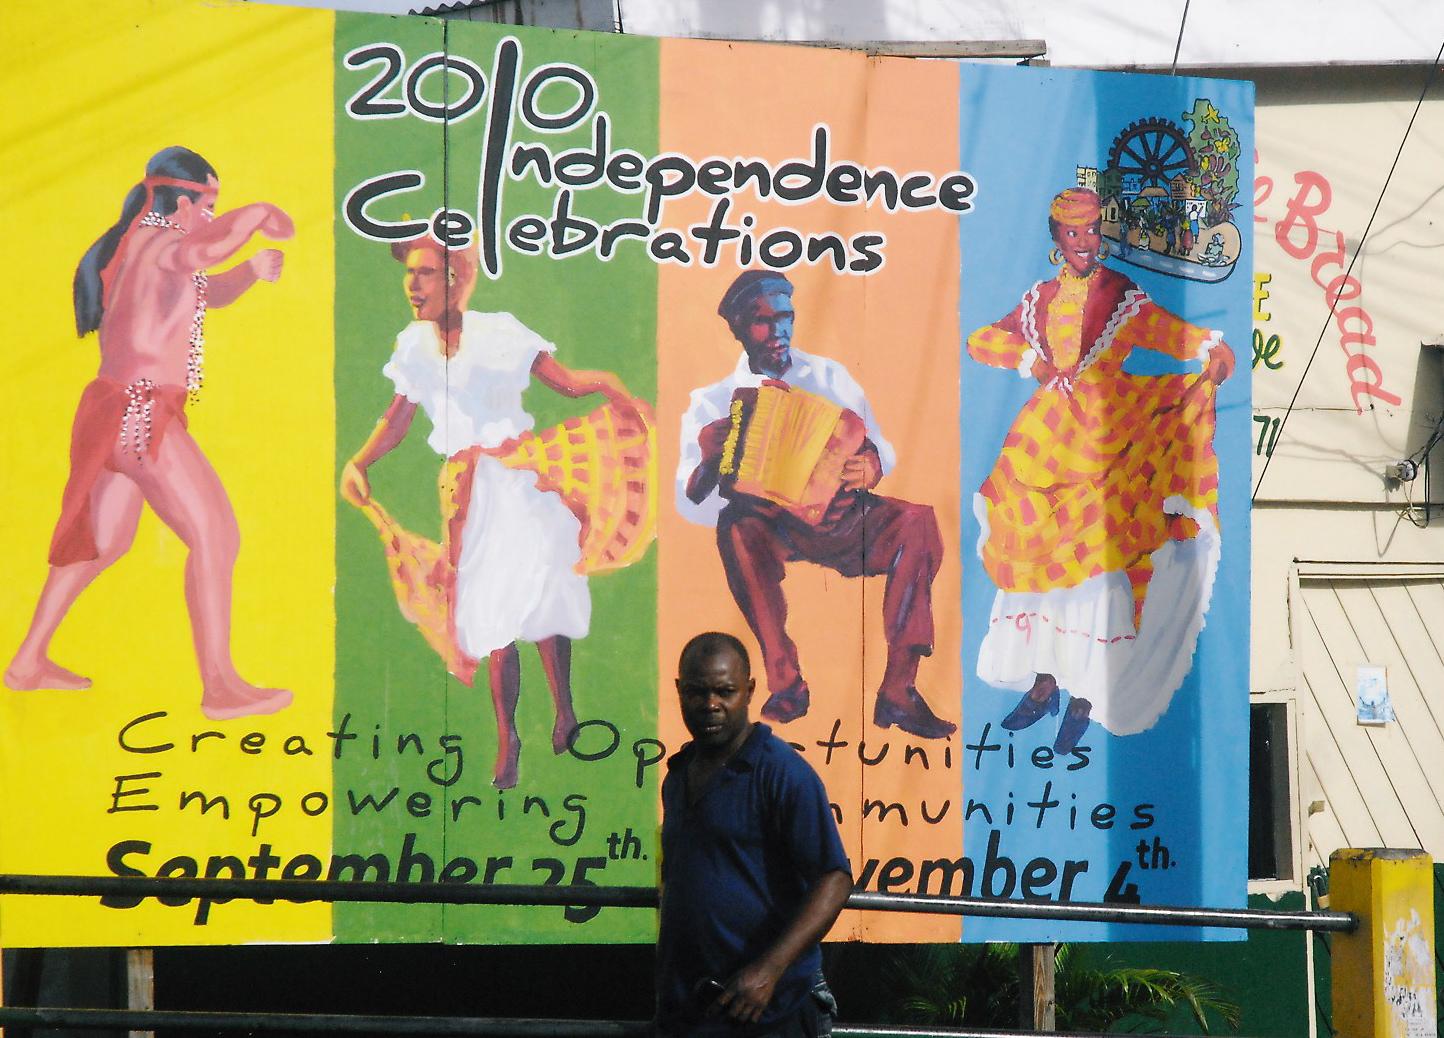 Roseau, capitale de La Dominique. Commémoration de l'indépendance.